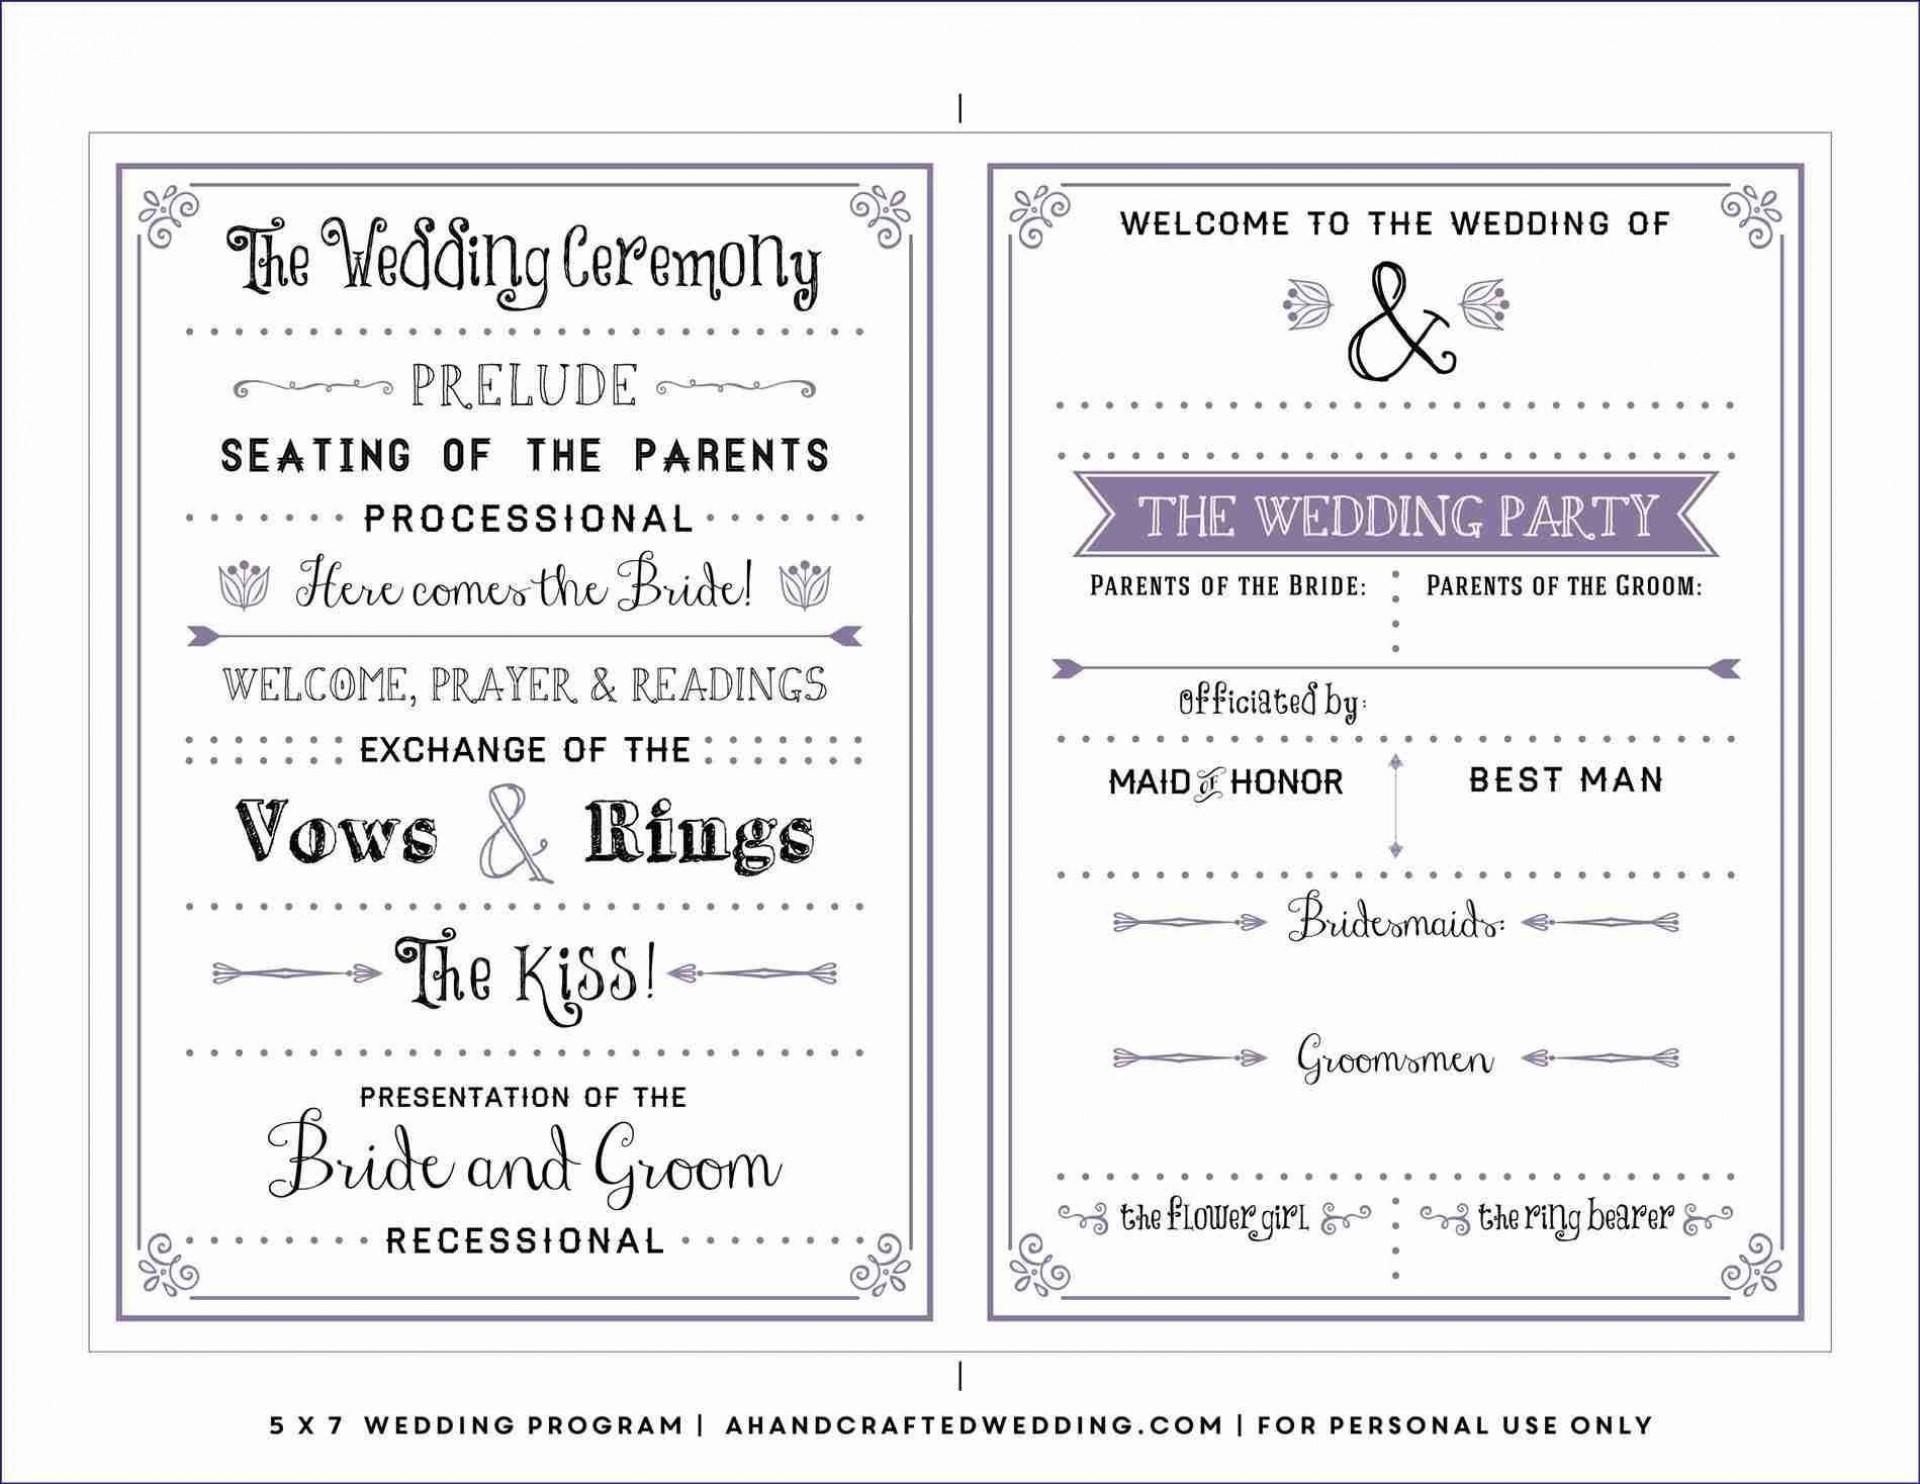 002 Best Wedding Program Template Free Idea  Fan Download Elegant1920